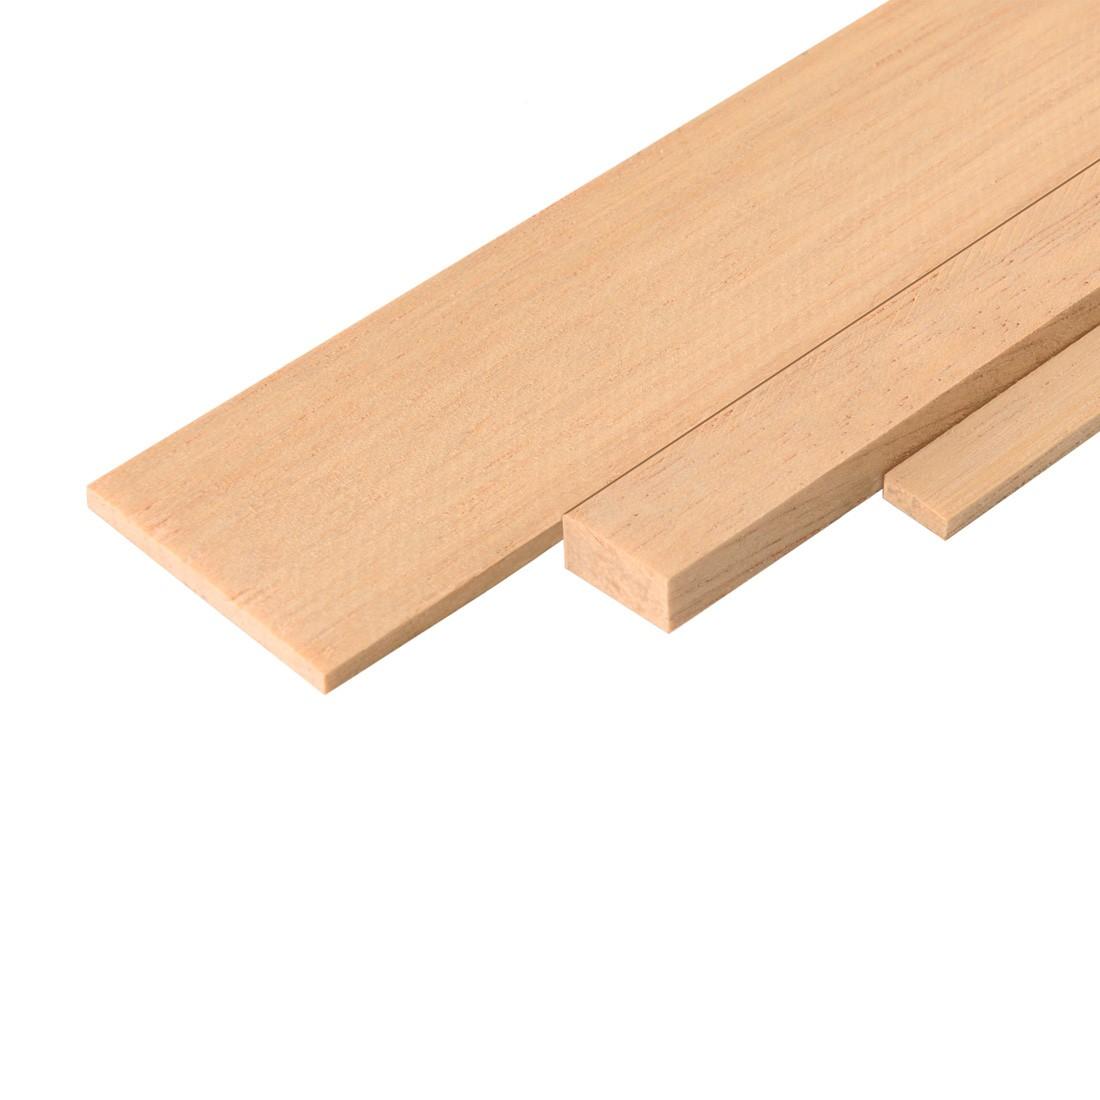 Ramin wood strip mm.4x50